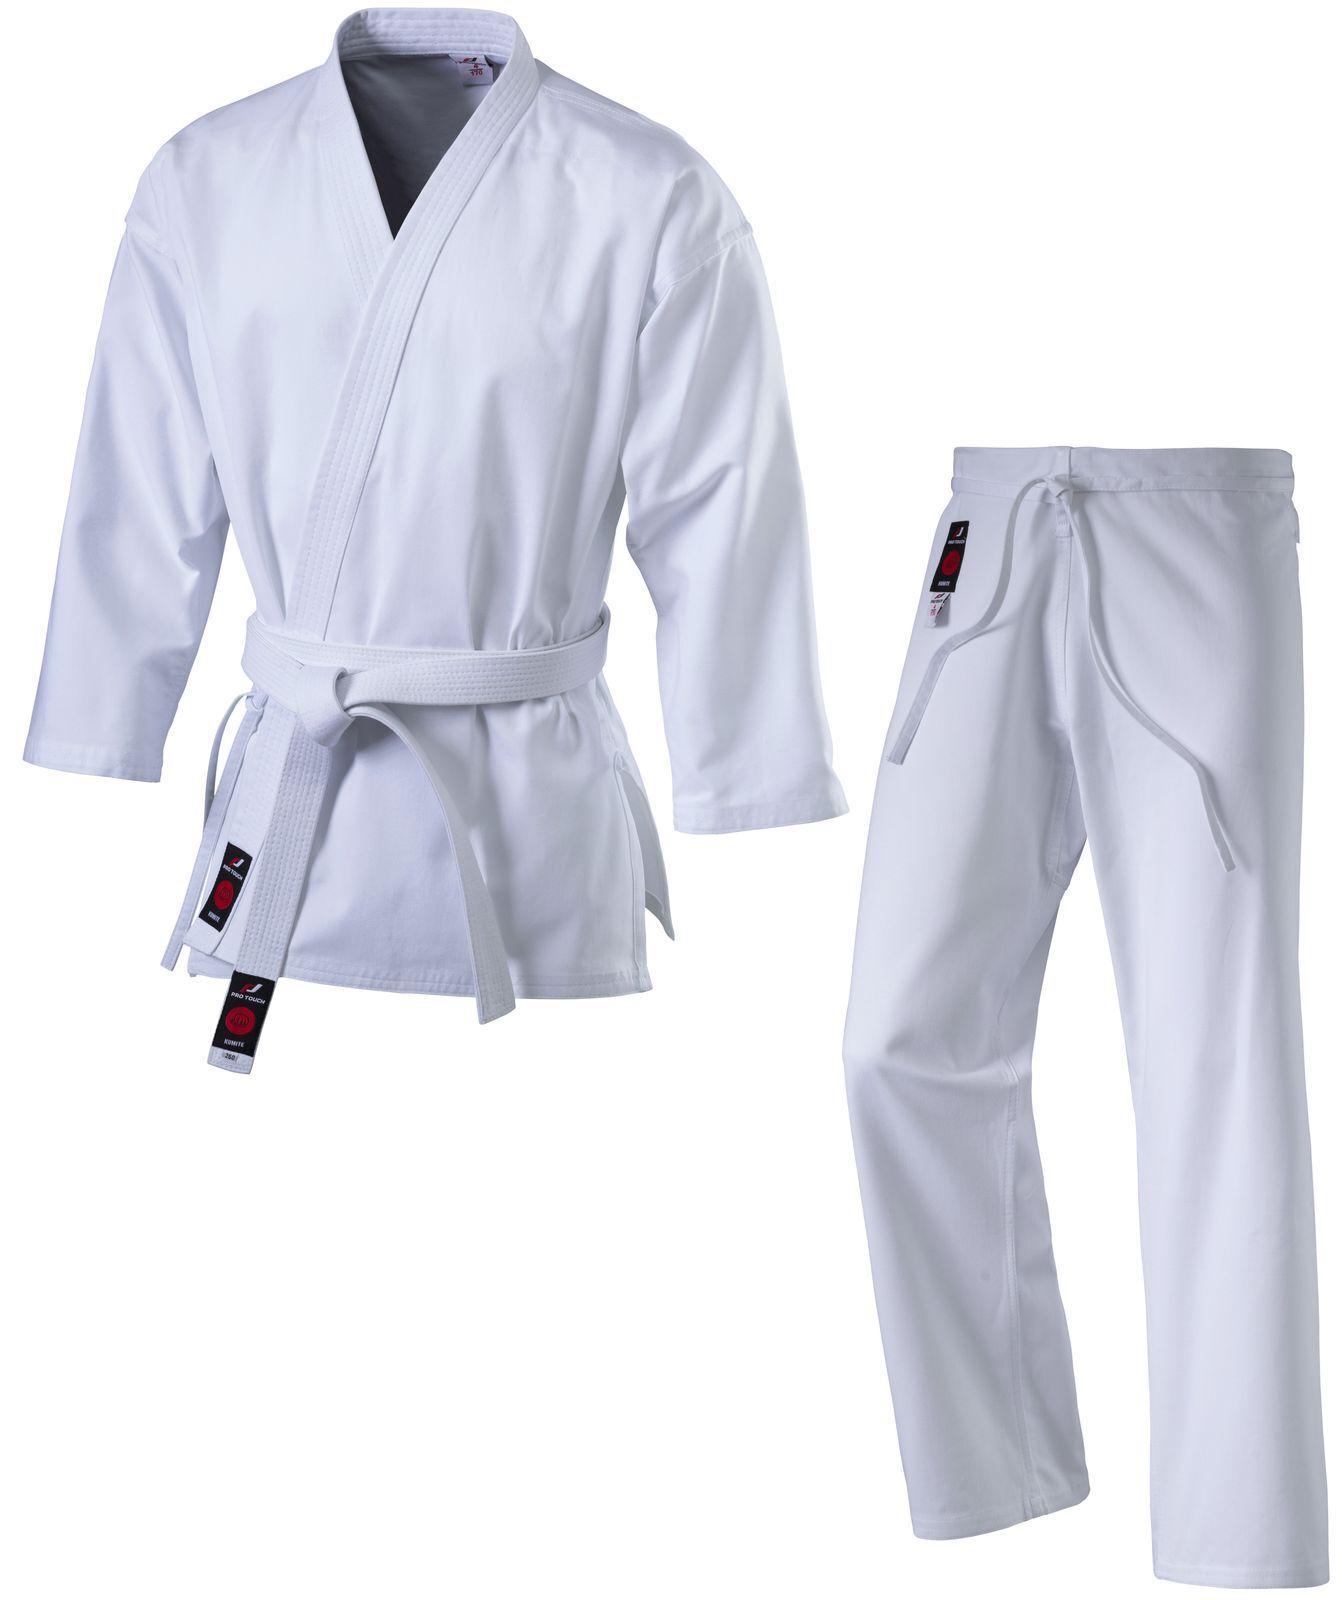 Pro Touch Unisex Kinder Kinder Kinder Herren Karateanzug Karate Anzug Kumite weiss bc3fd0